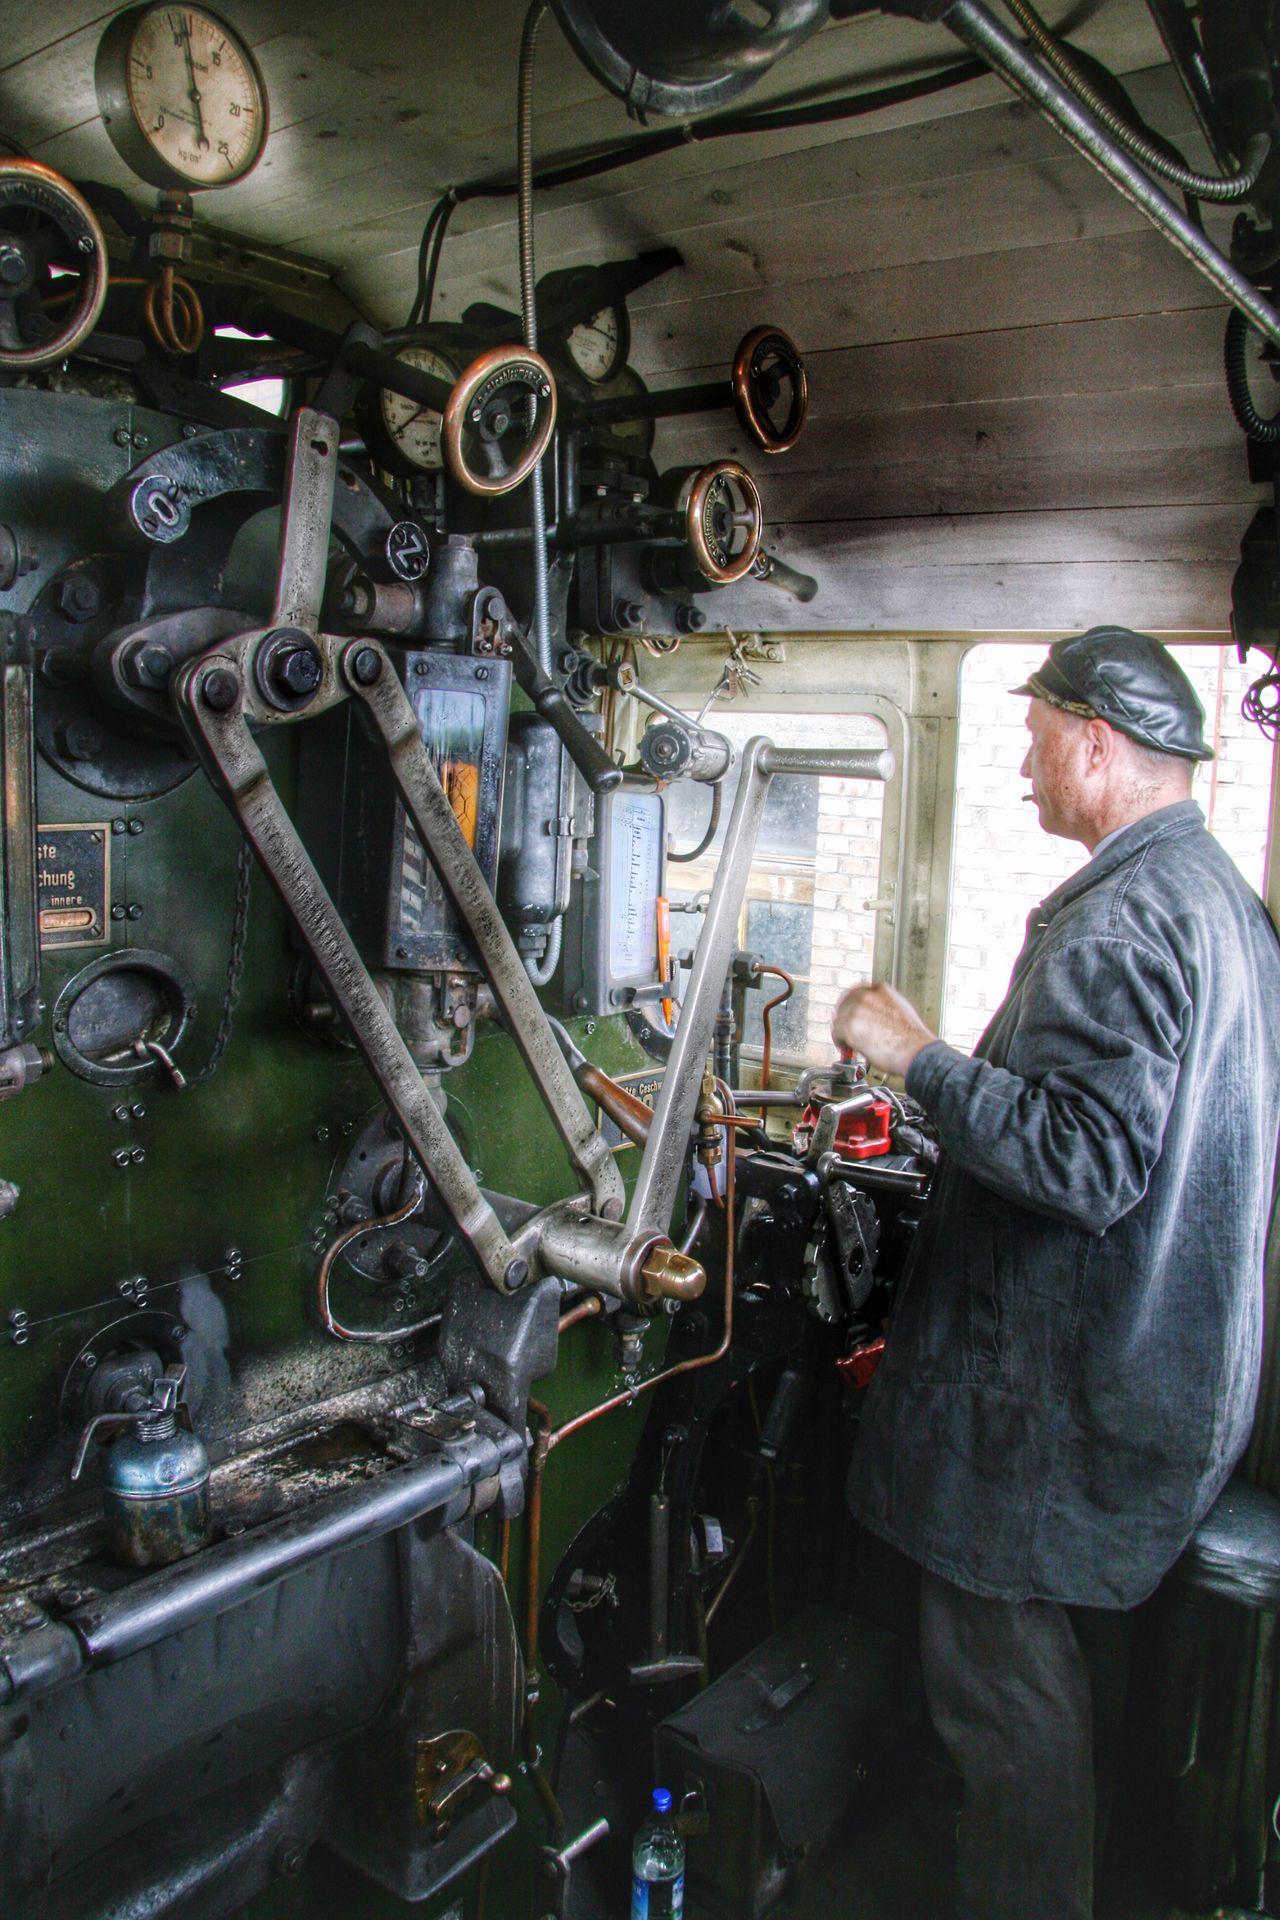 On The Train Steam Steamlocomotive S3/6 German Train Dampflok Dampflokomotive On Work